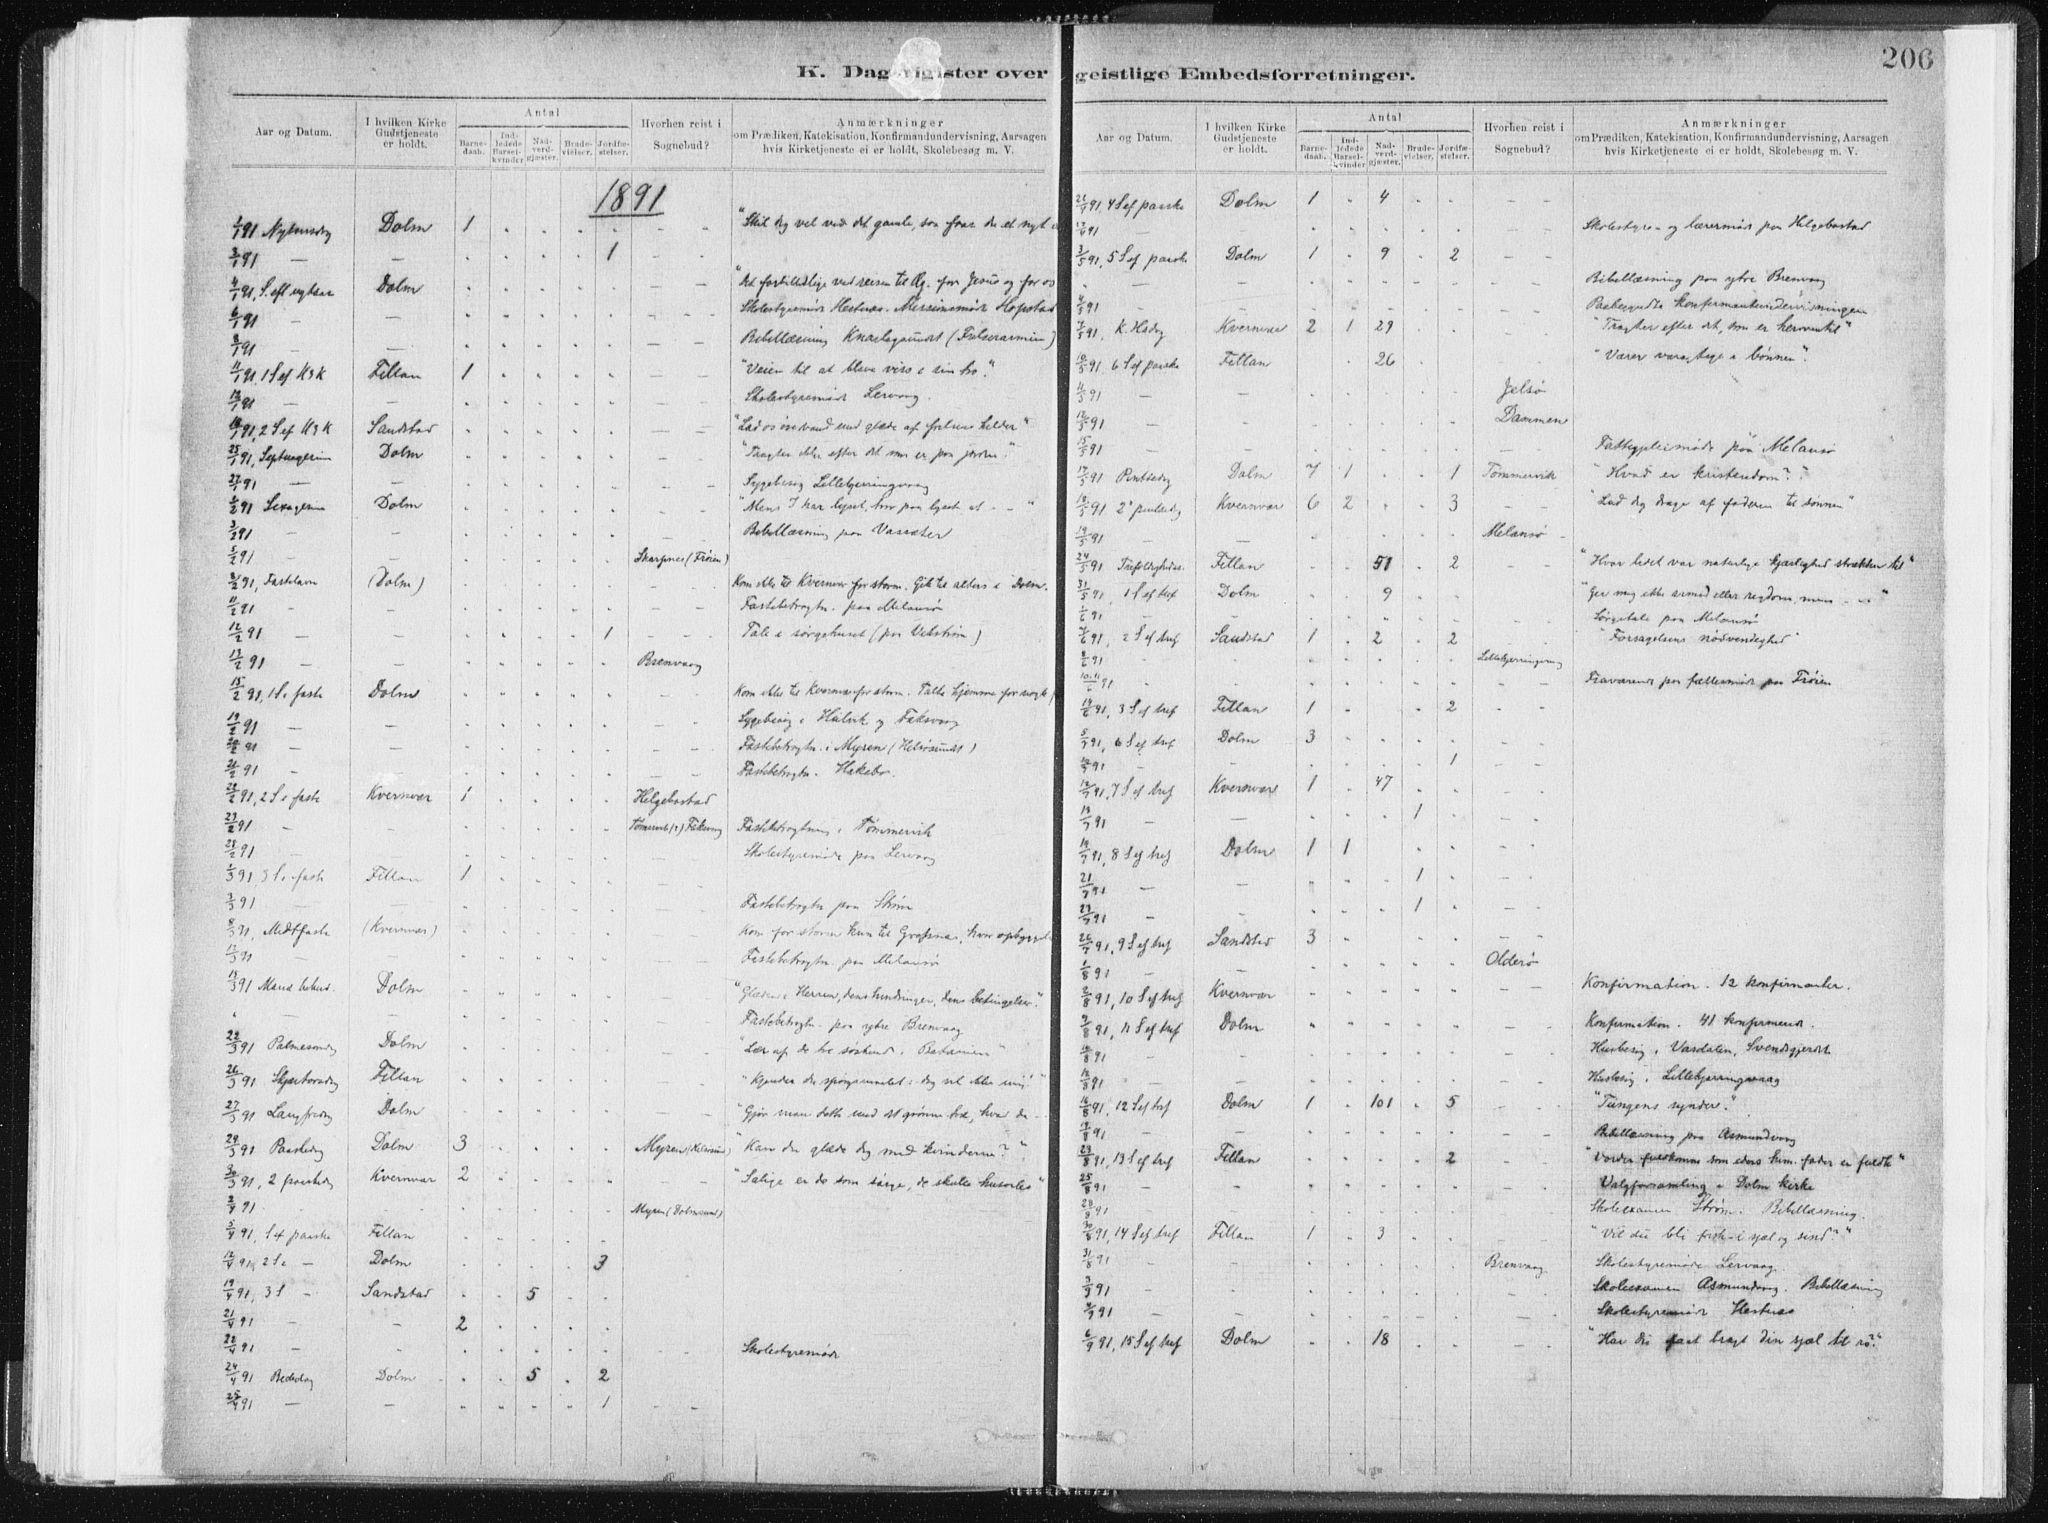 SAT, Ministerialprotokoller, klokkerbøker og fødselsregistre - Sør-Trøndelag, 634/L0533: Ministerialbok nr. 634A09, 1882-1901, s. 206